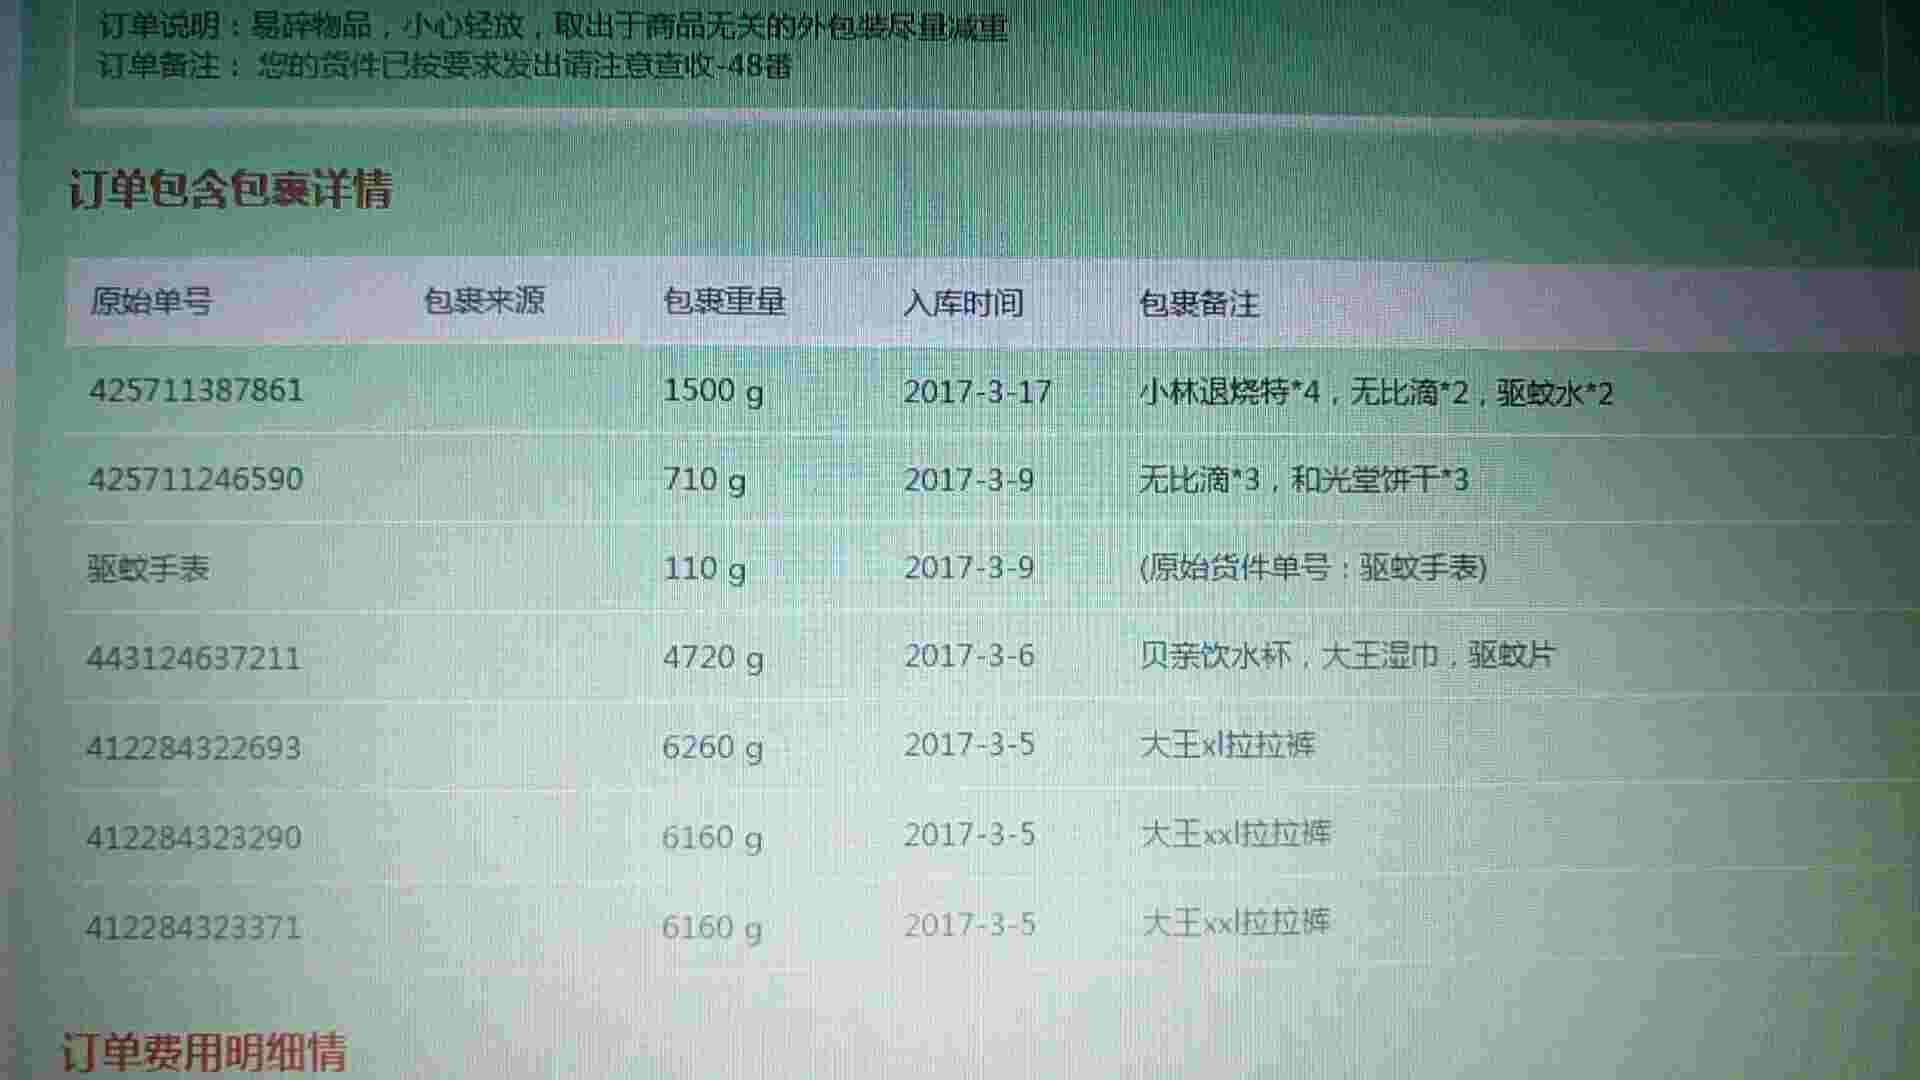 yaoqiong1218